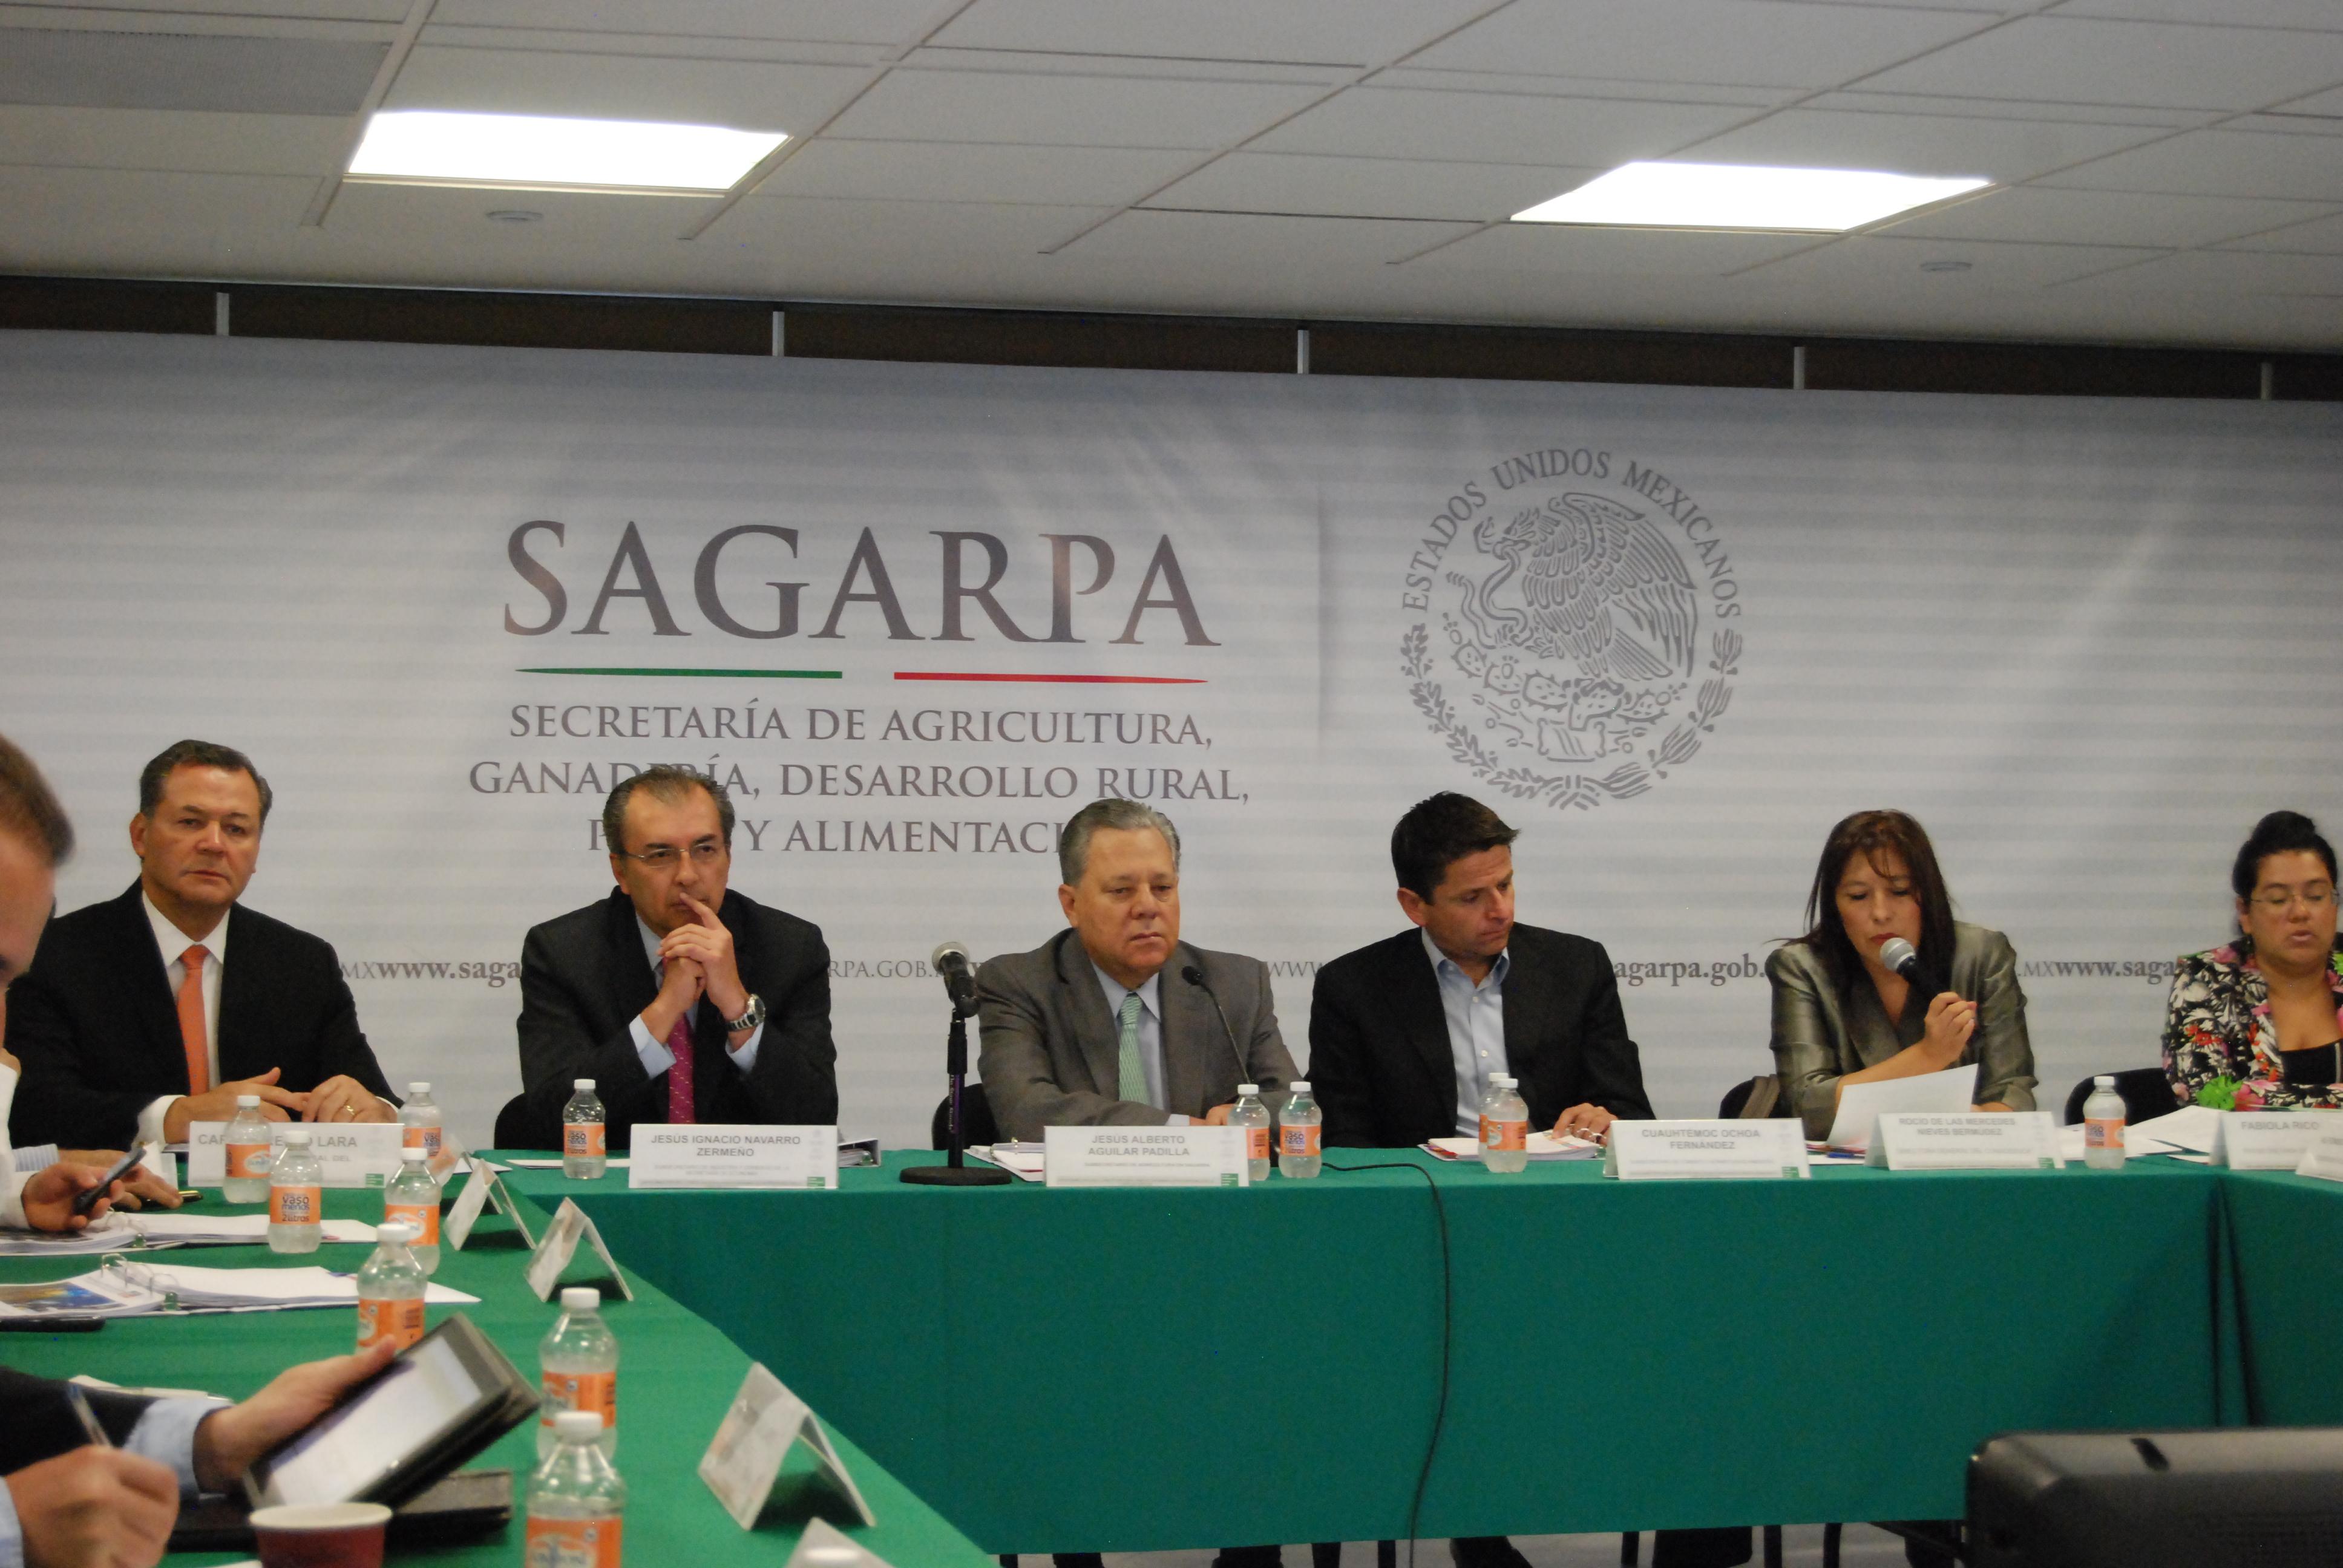 En sesión ordinaria del CONADESUCA, el subsecretario de Agricultura de la SAGARPA, Jesús Aguilar Padilla, afirmó que el acuerdo beneficiará a alrededor de 170 mil productores dedicados a esta actividad.